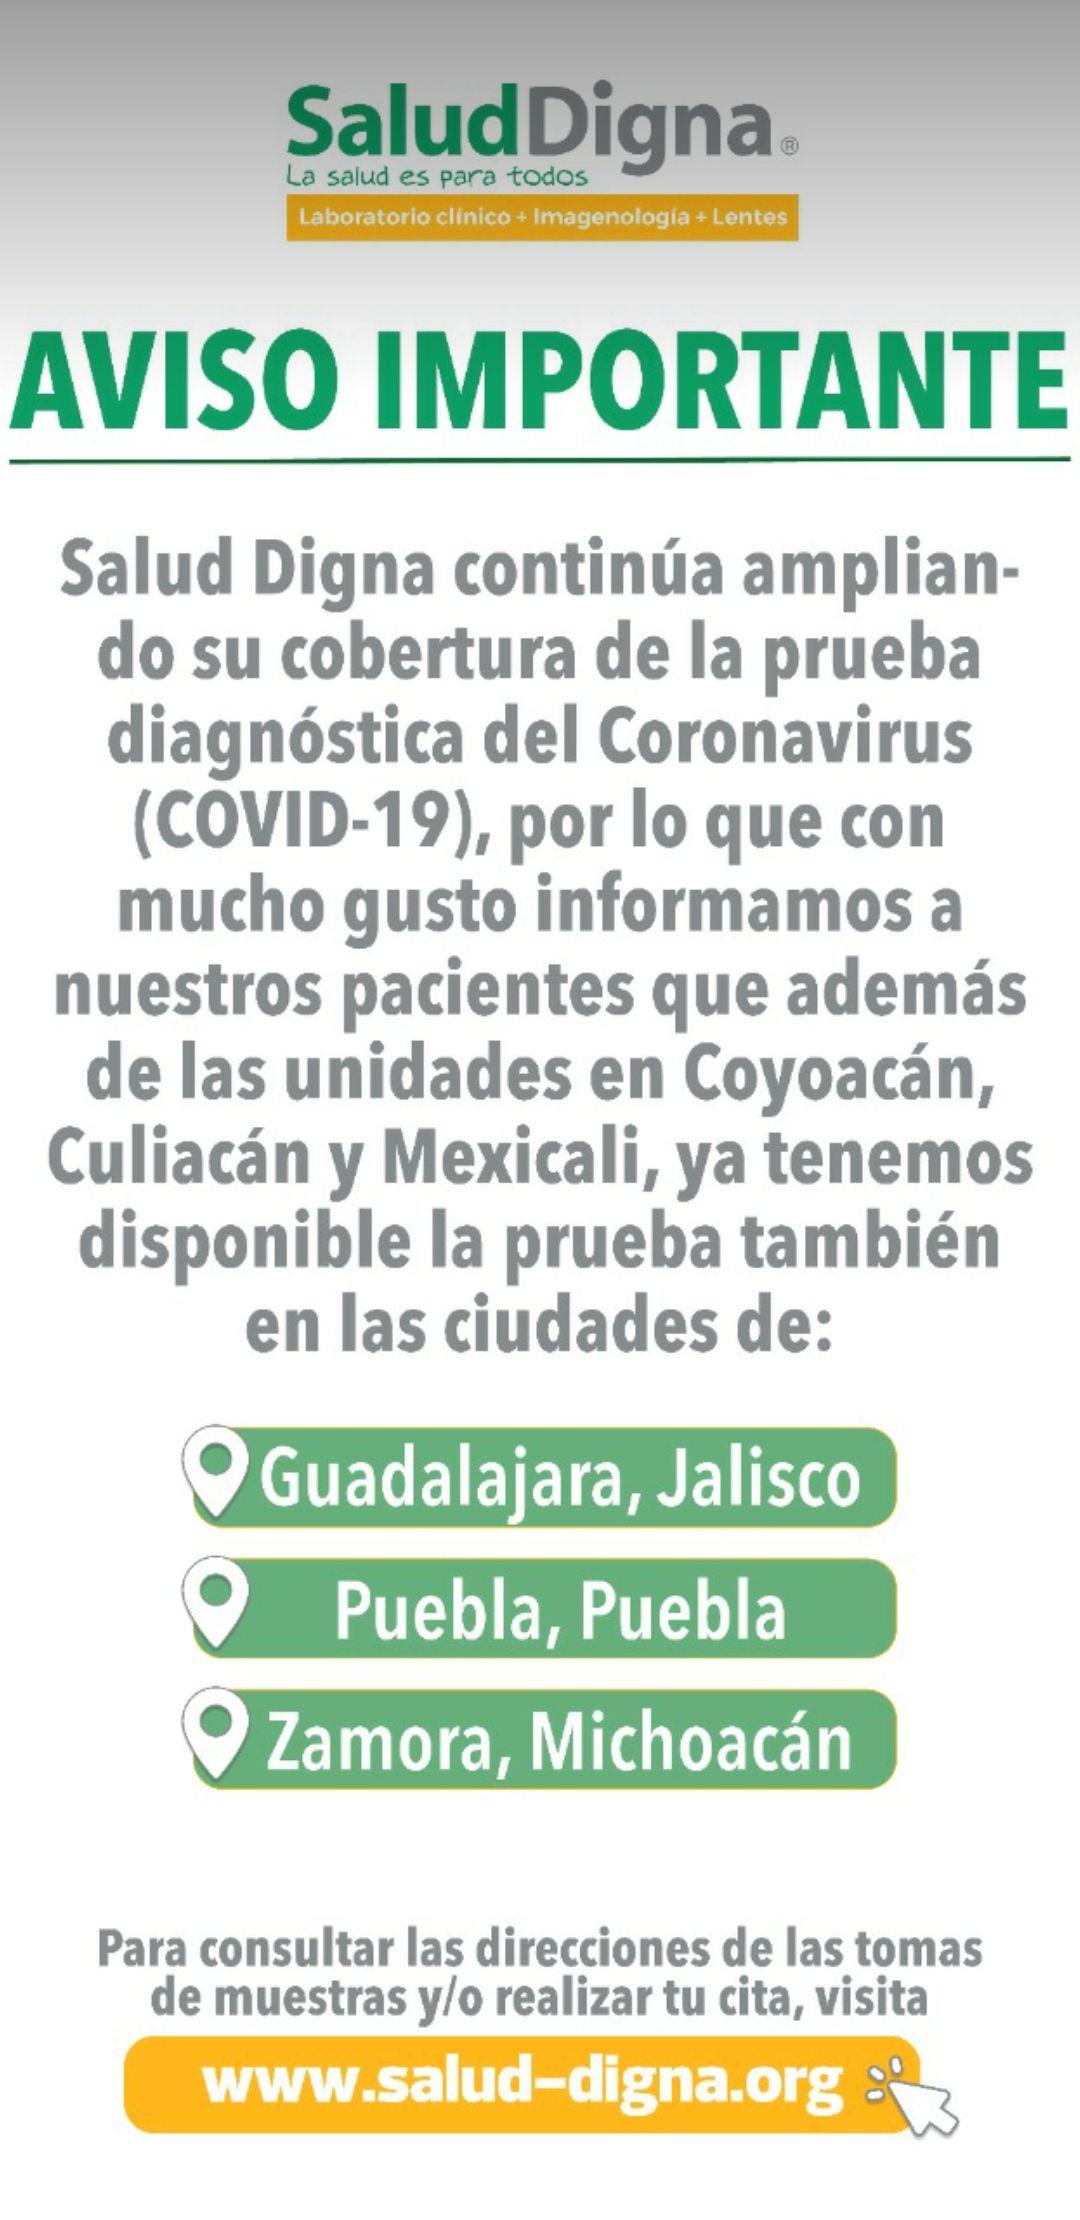 Salud Digna: Prueba diagnóstica para COVID-19 en coyoacan cdmx y Culiacán Sinaloa en 1300 pesos